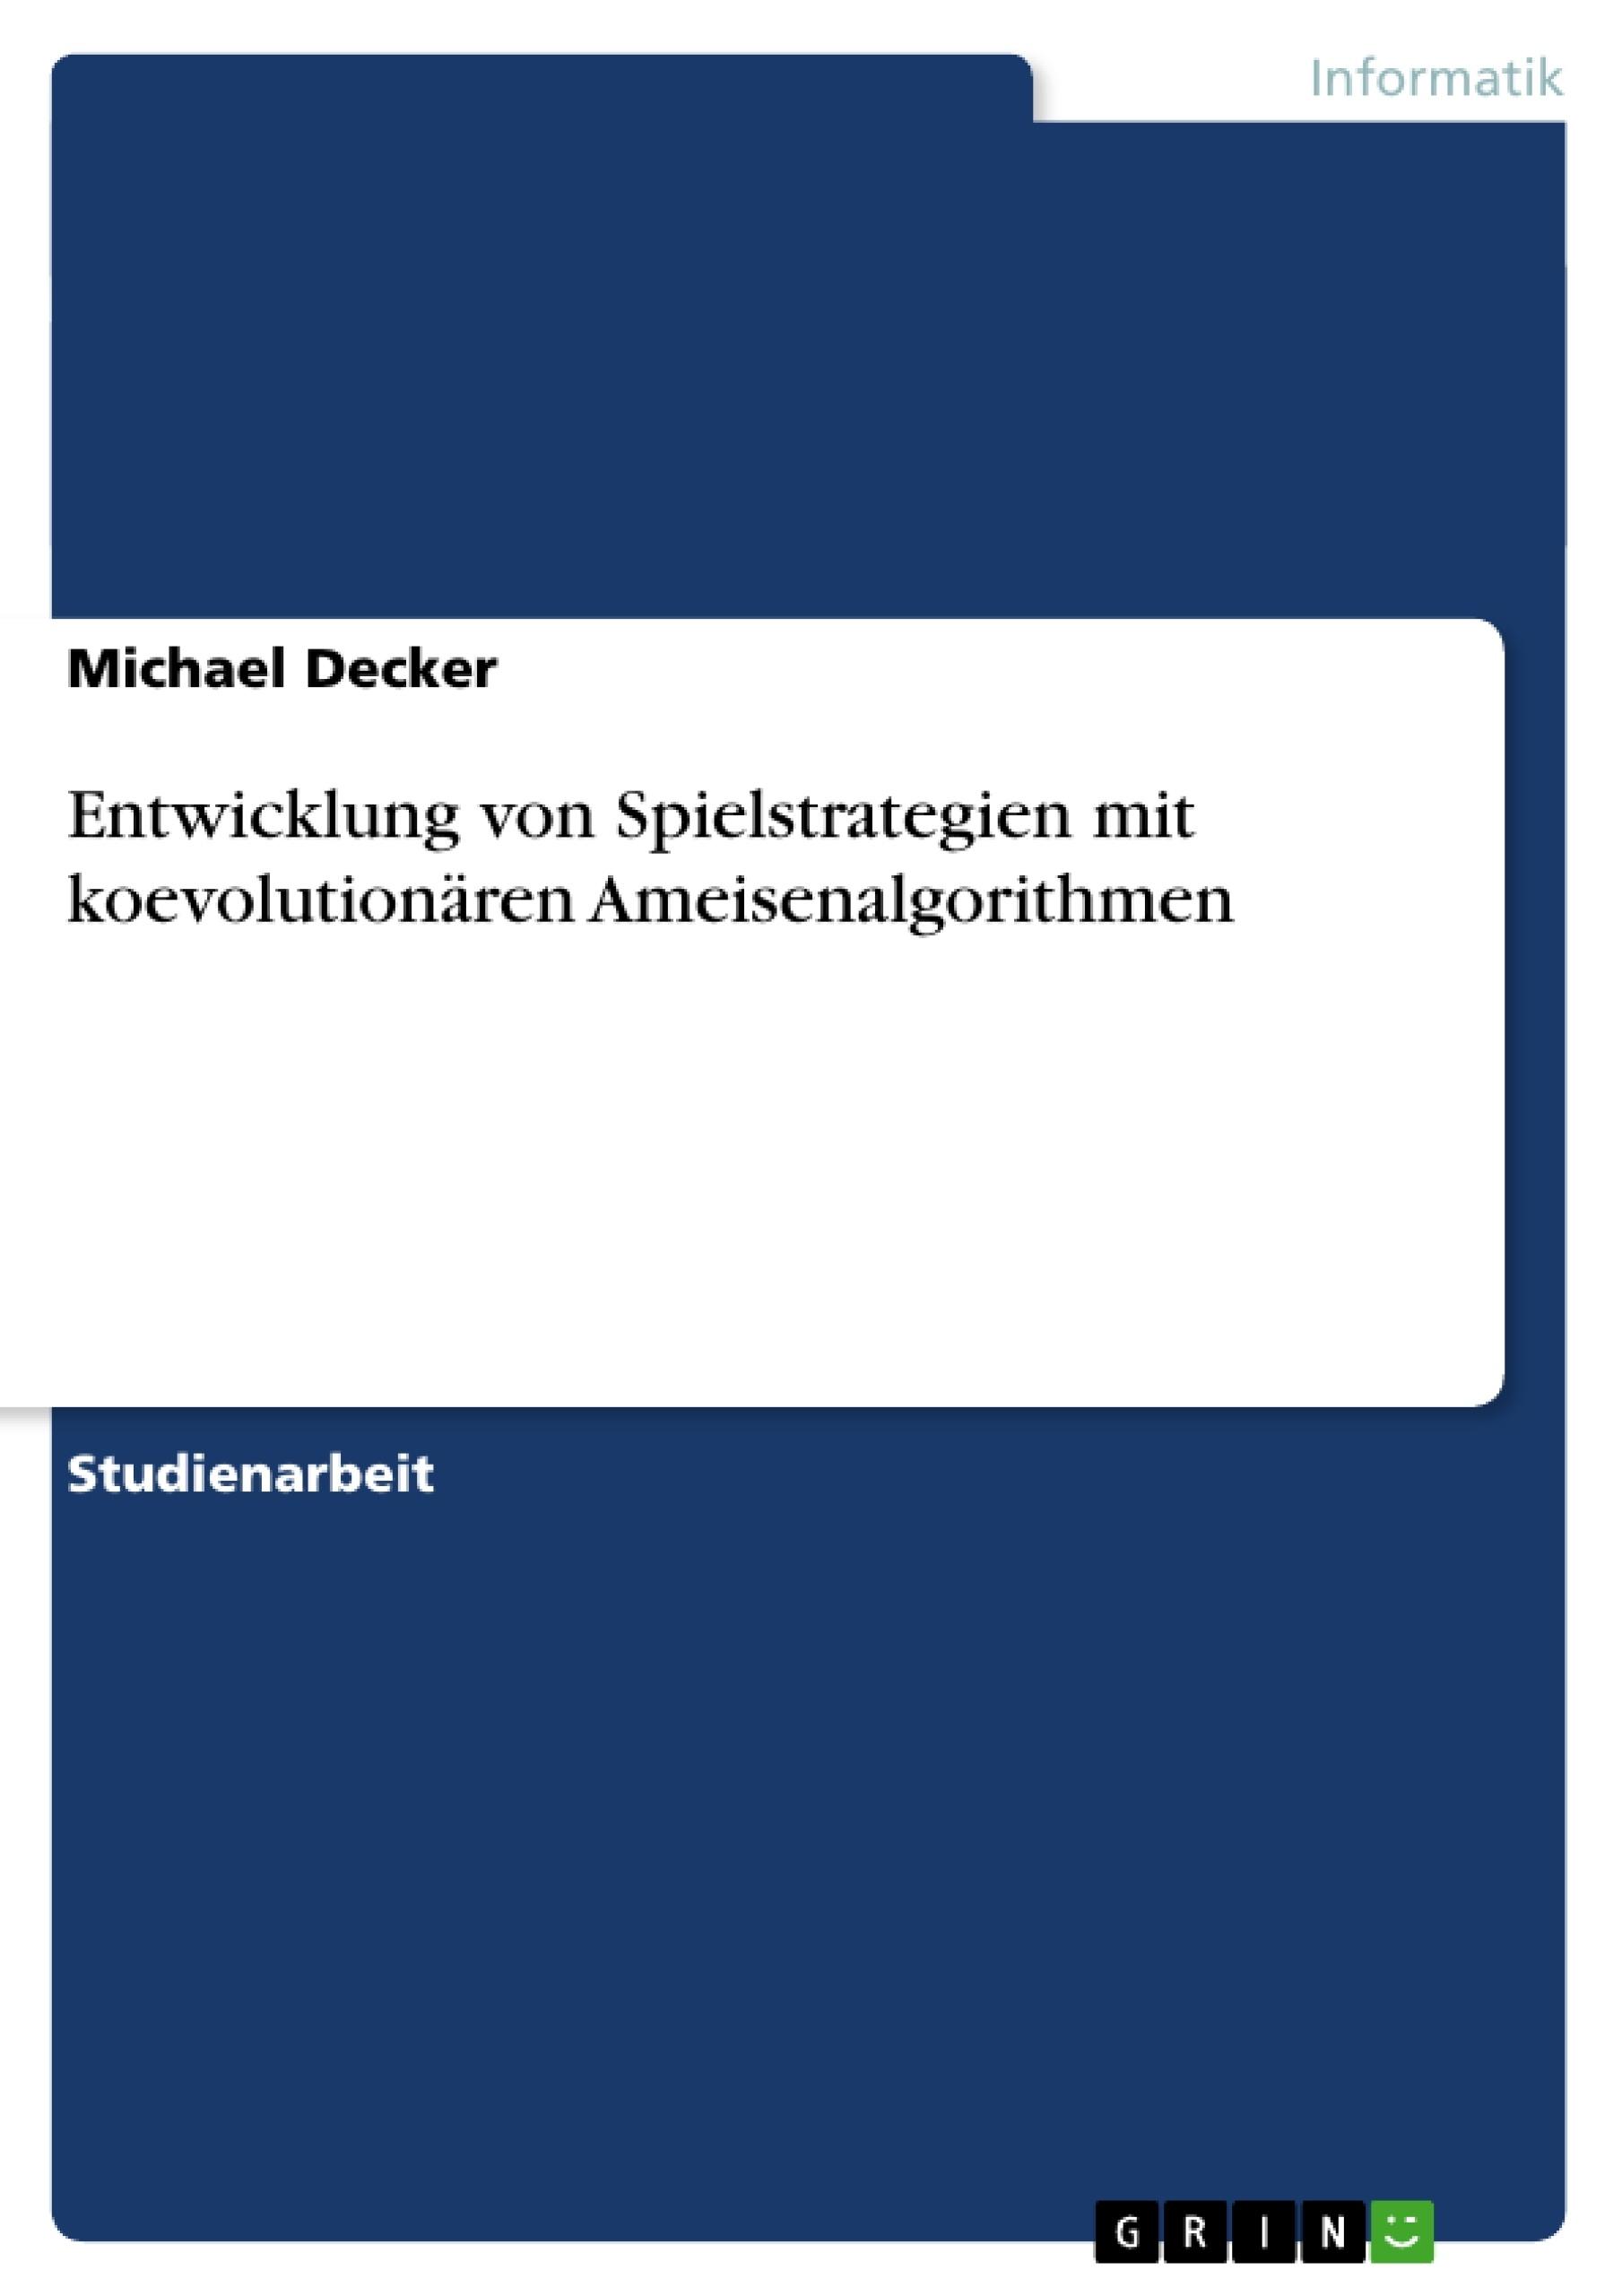 Titel: Entwicklung von Spielstrategien mit koevolutionären Ameisenalgorithmen